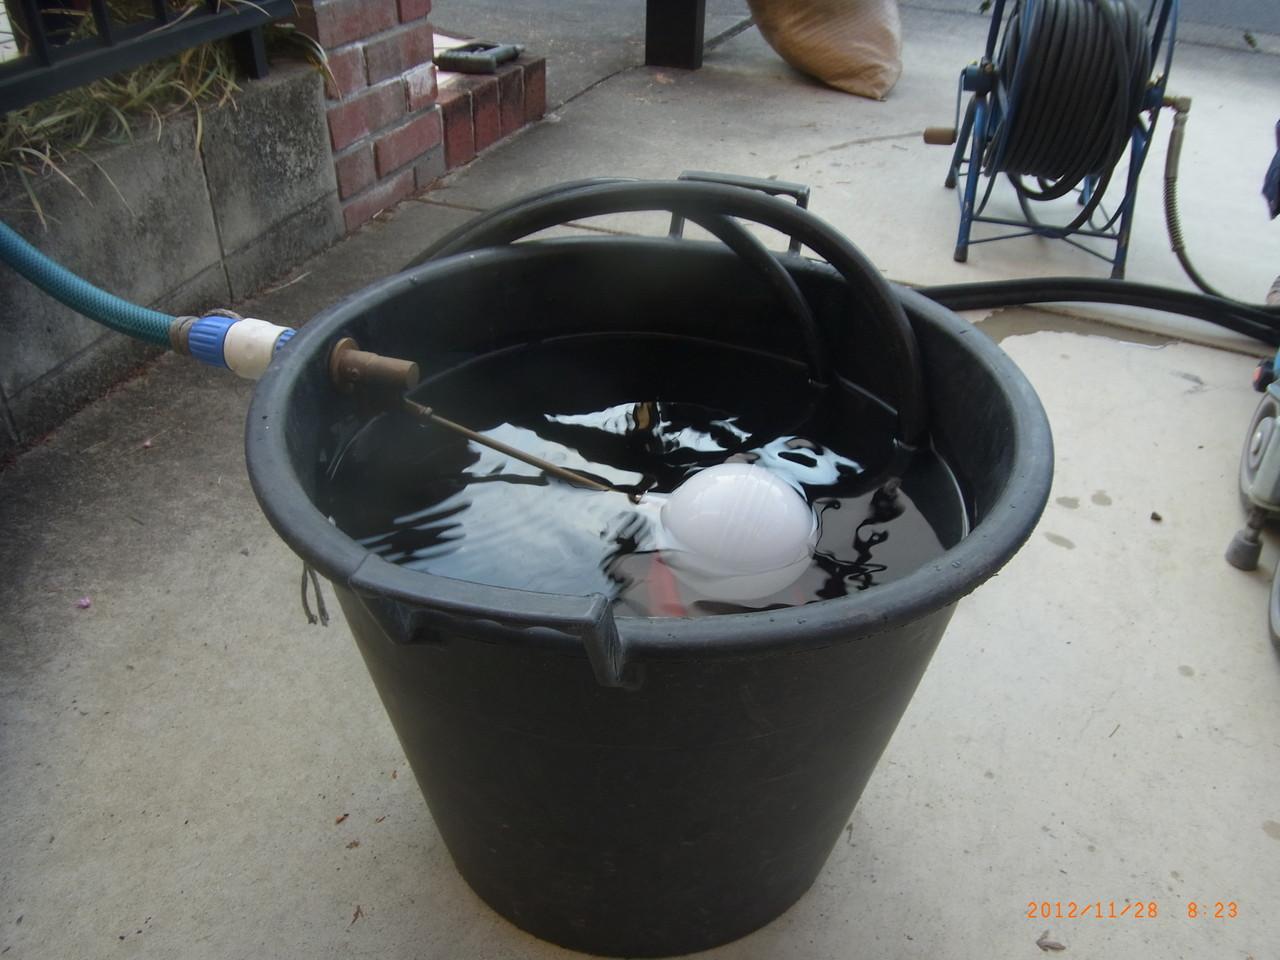 水溢れ防止機能搭載バケツ。洗浄時使用。 溢れる無駄な水をシャットアウト!